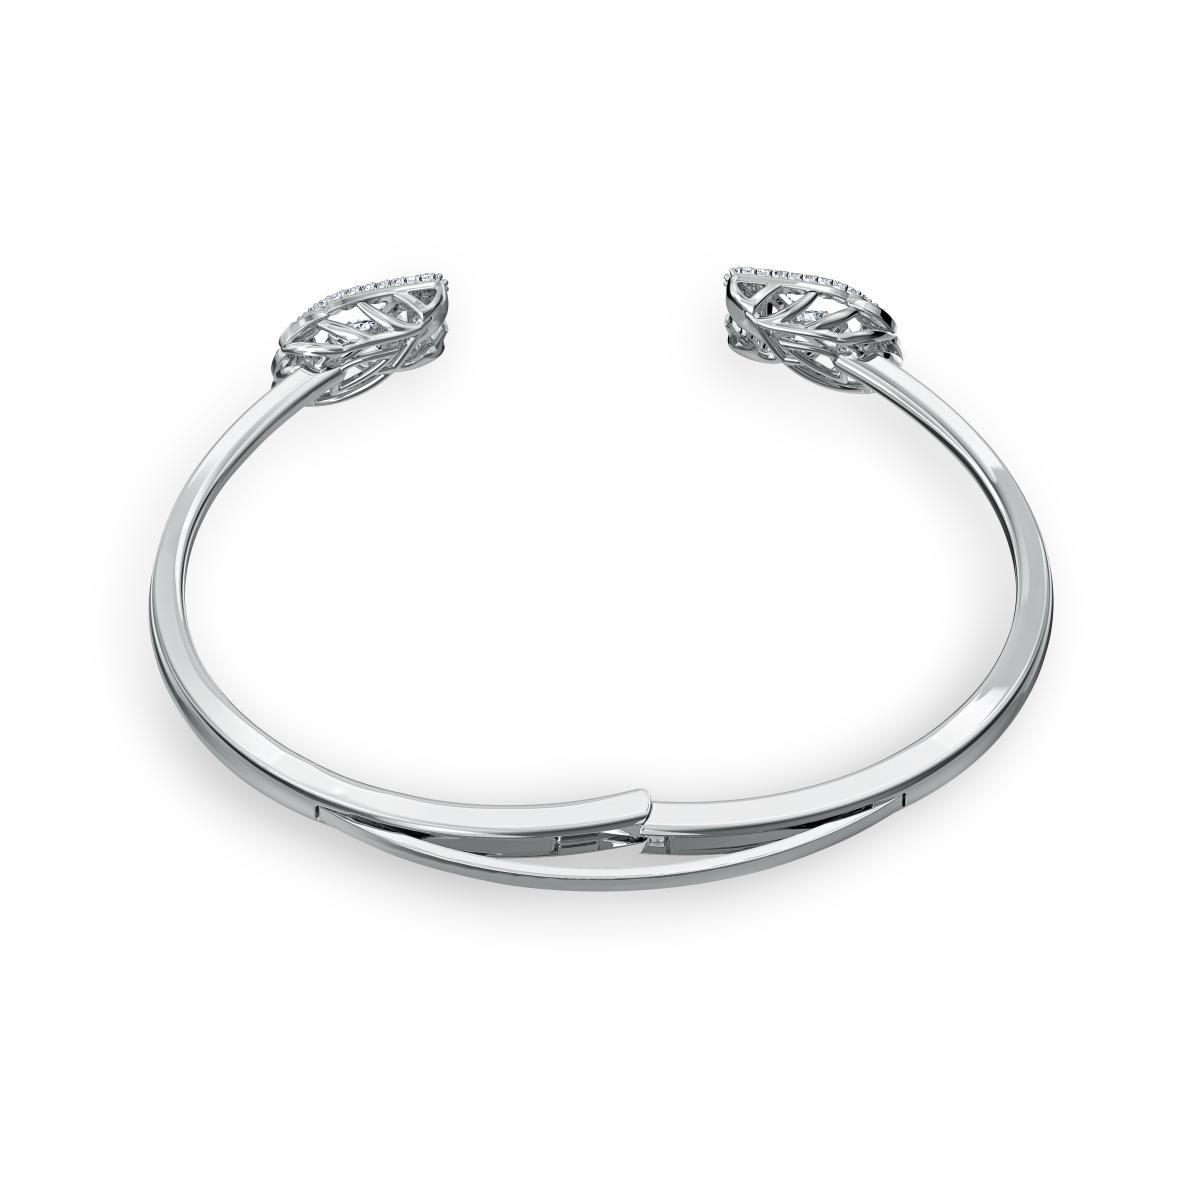 BRACELET Swarovski 5534849 - Bracelet Métal Argenté Cygne Strass blanc Femme